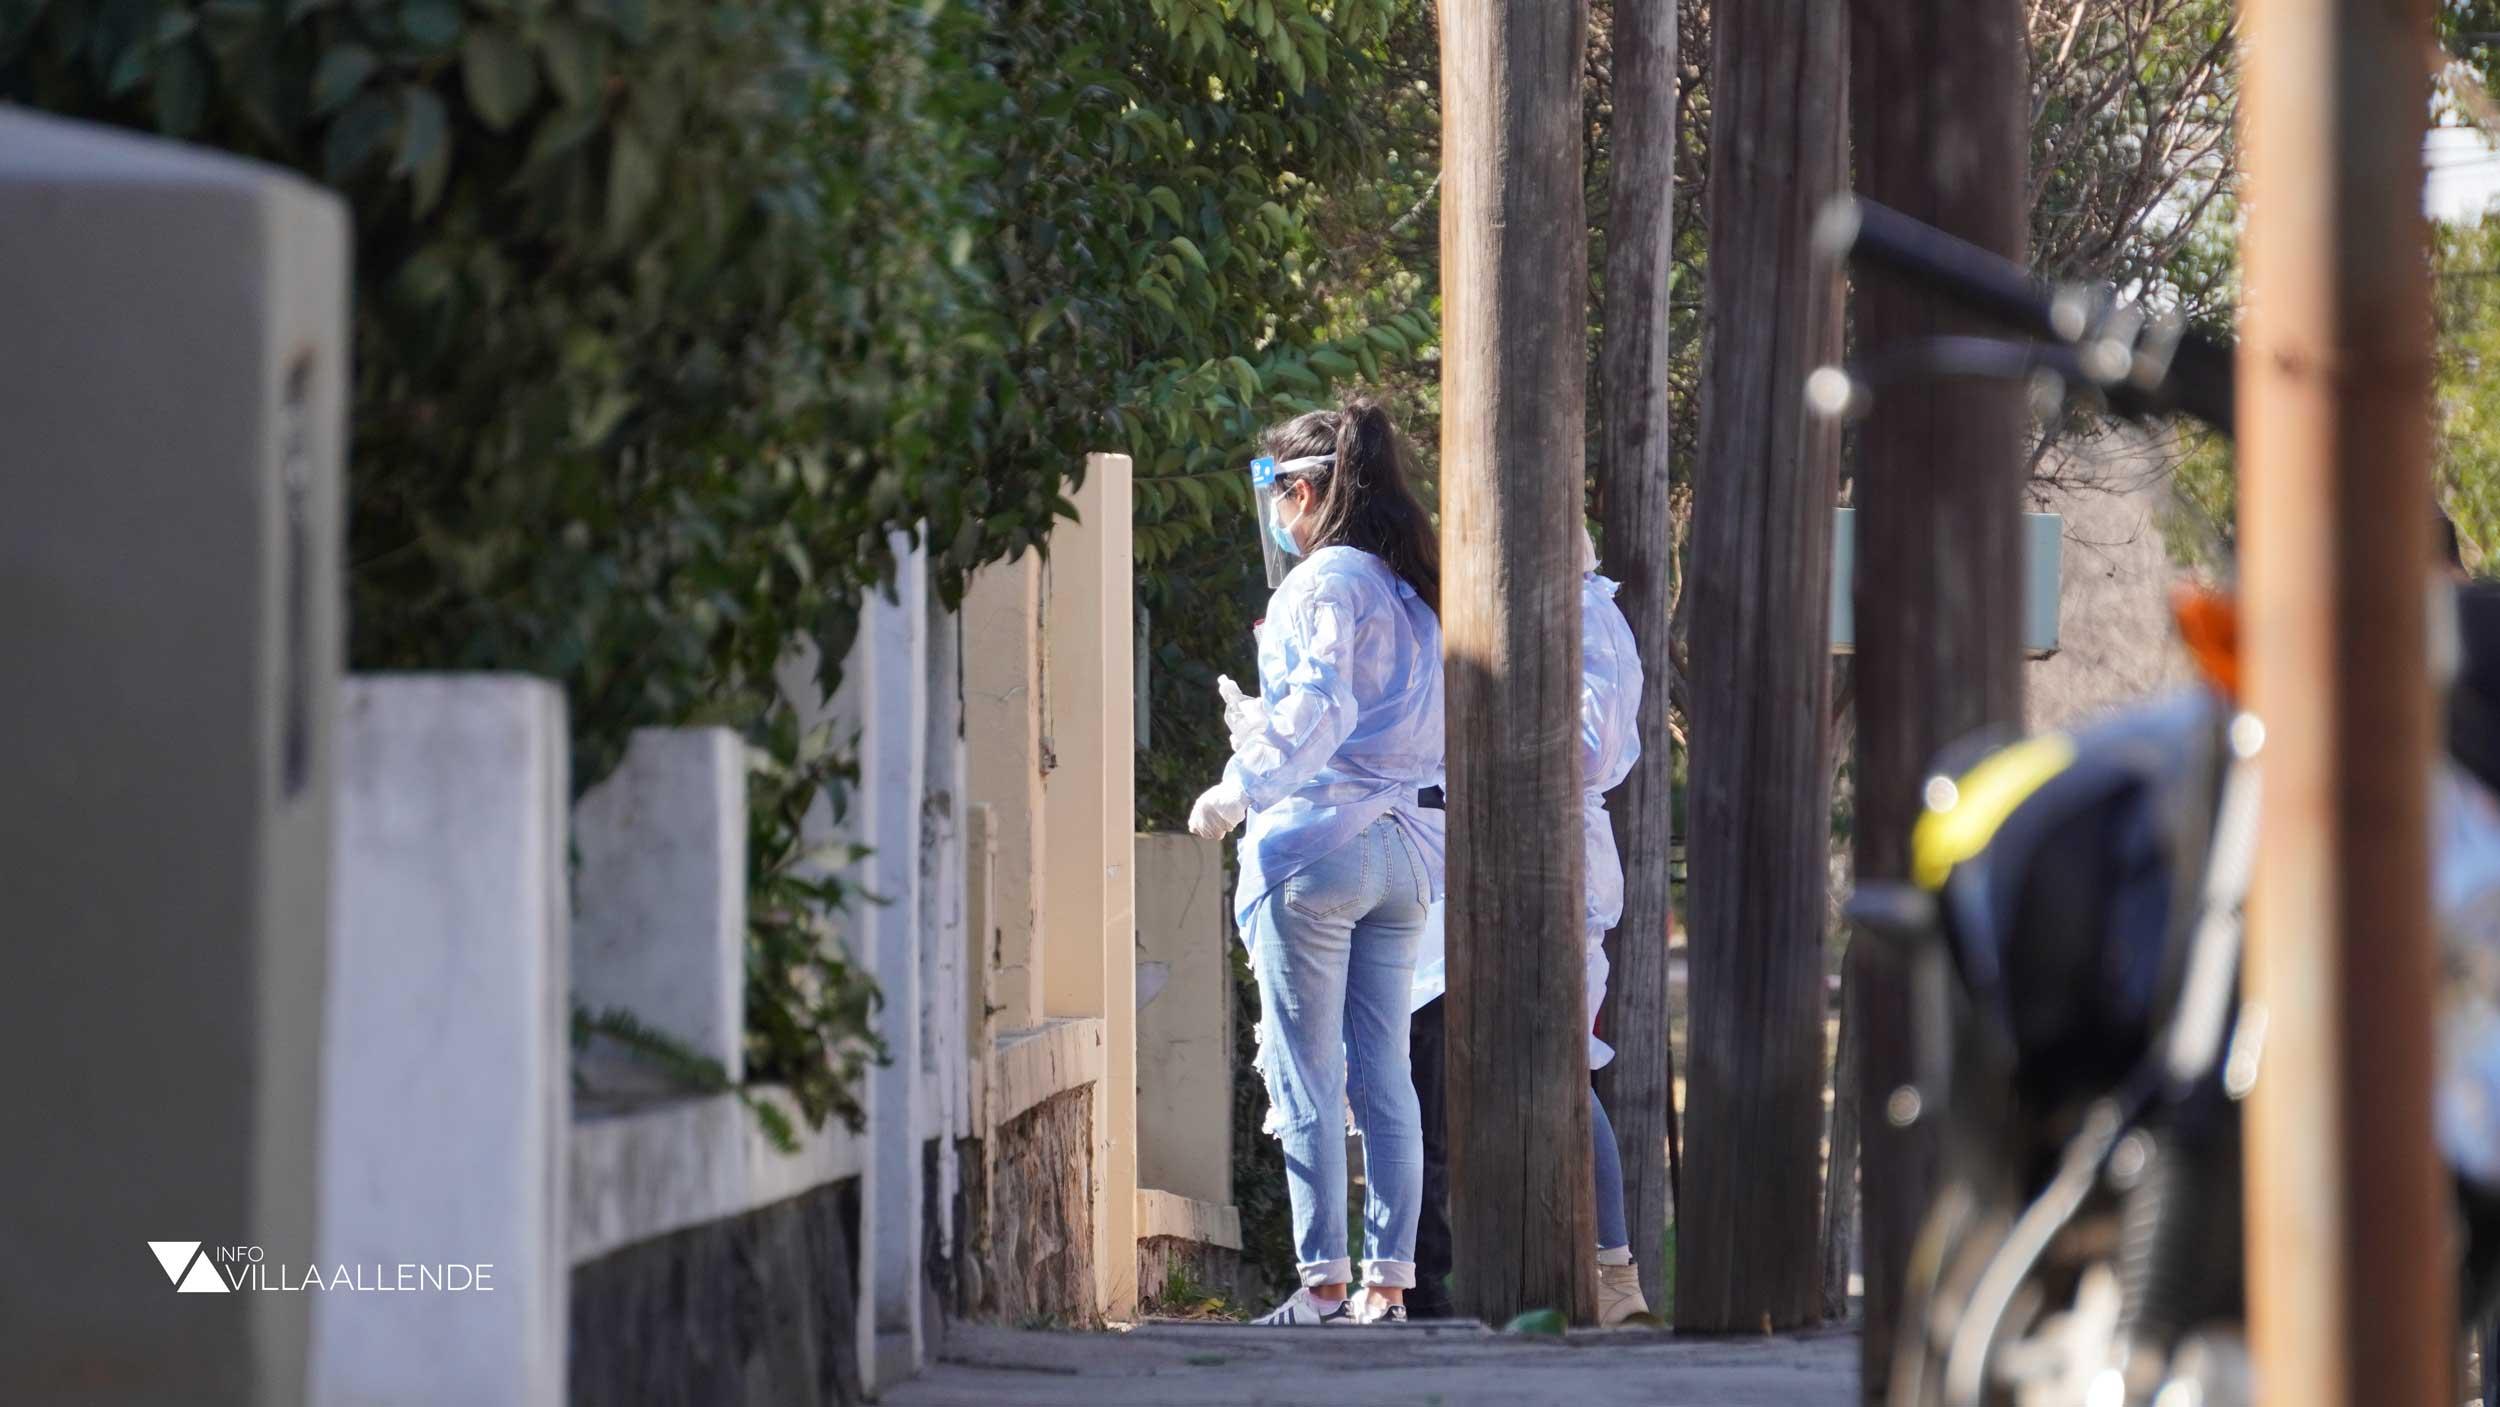 Actualización de la situación sanitaria en Córdoba -202 casos en un mismo día-